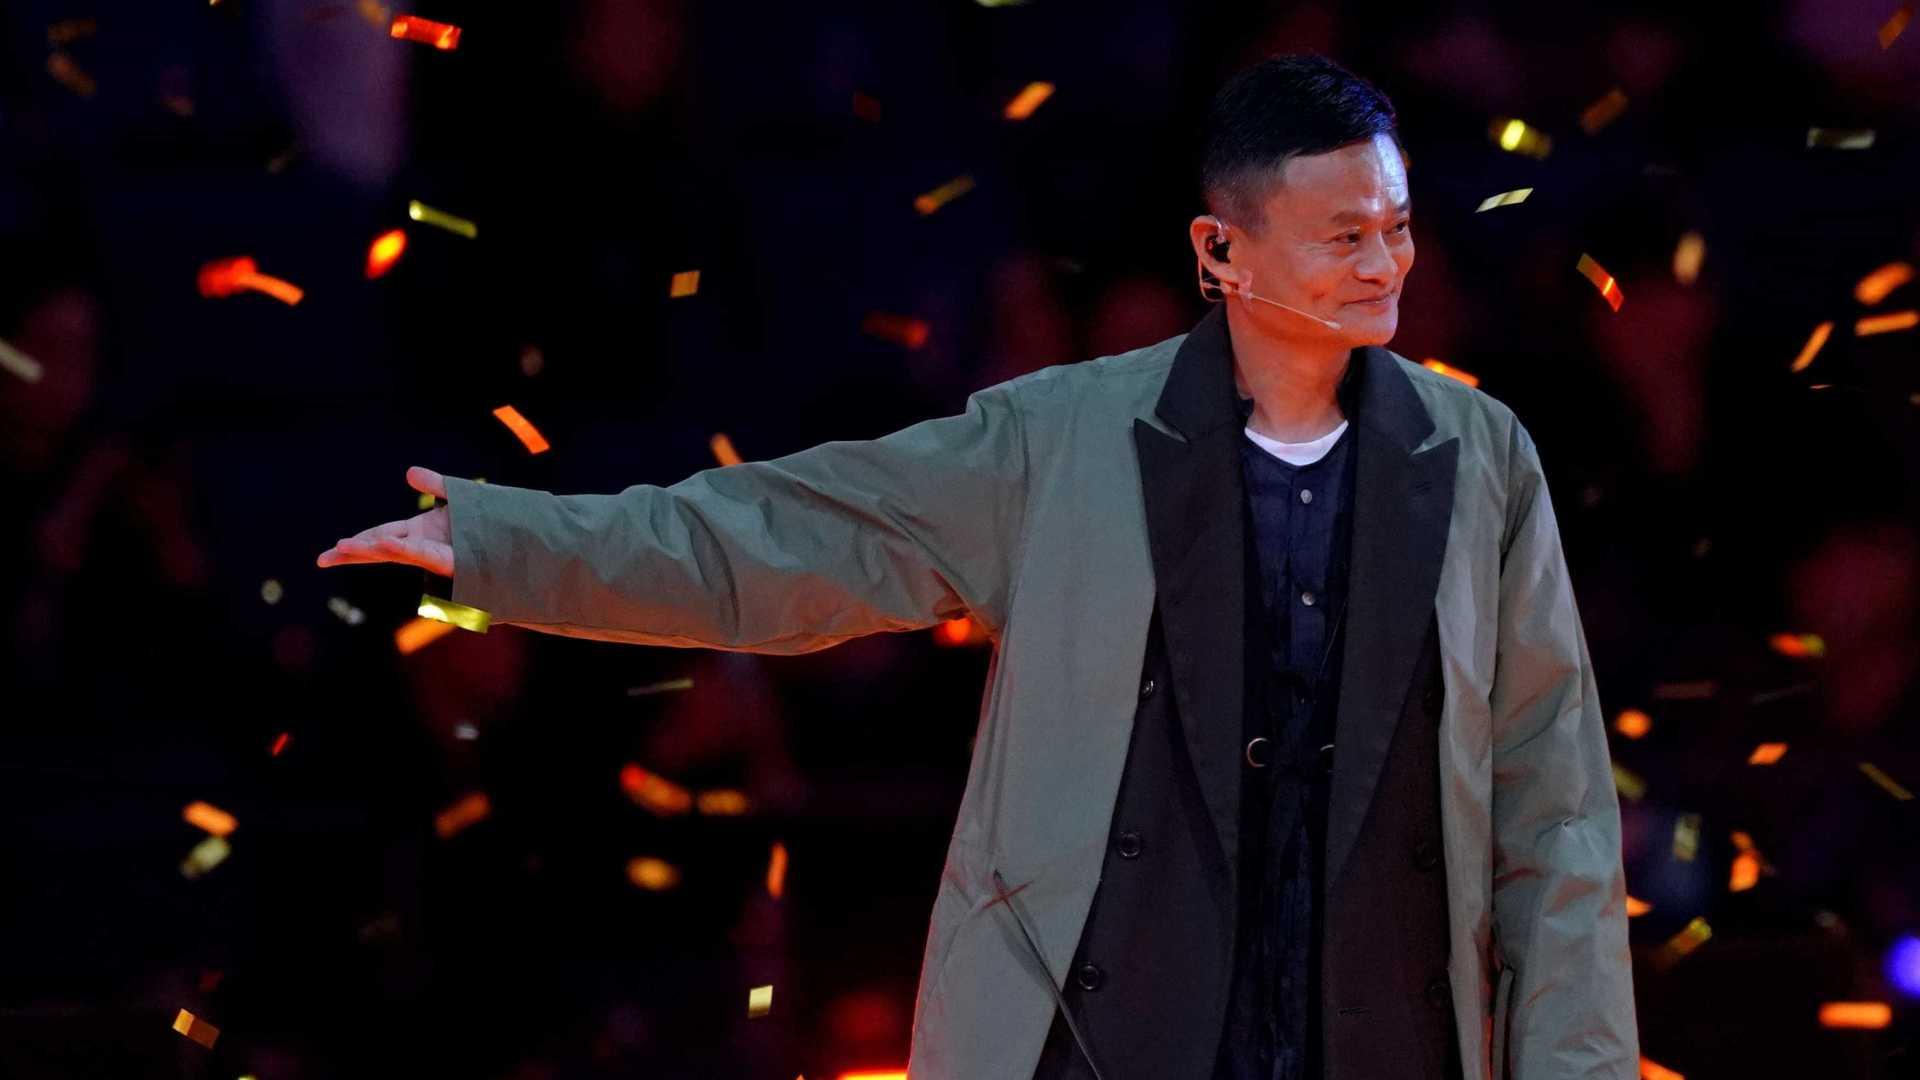 Gigante chinesa Alibaba vai desenvolver chips de inteligência artificial